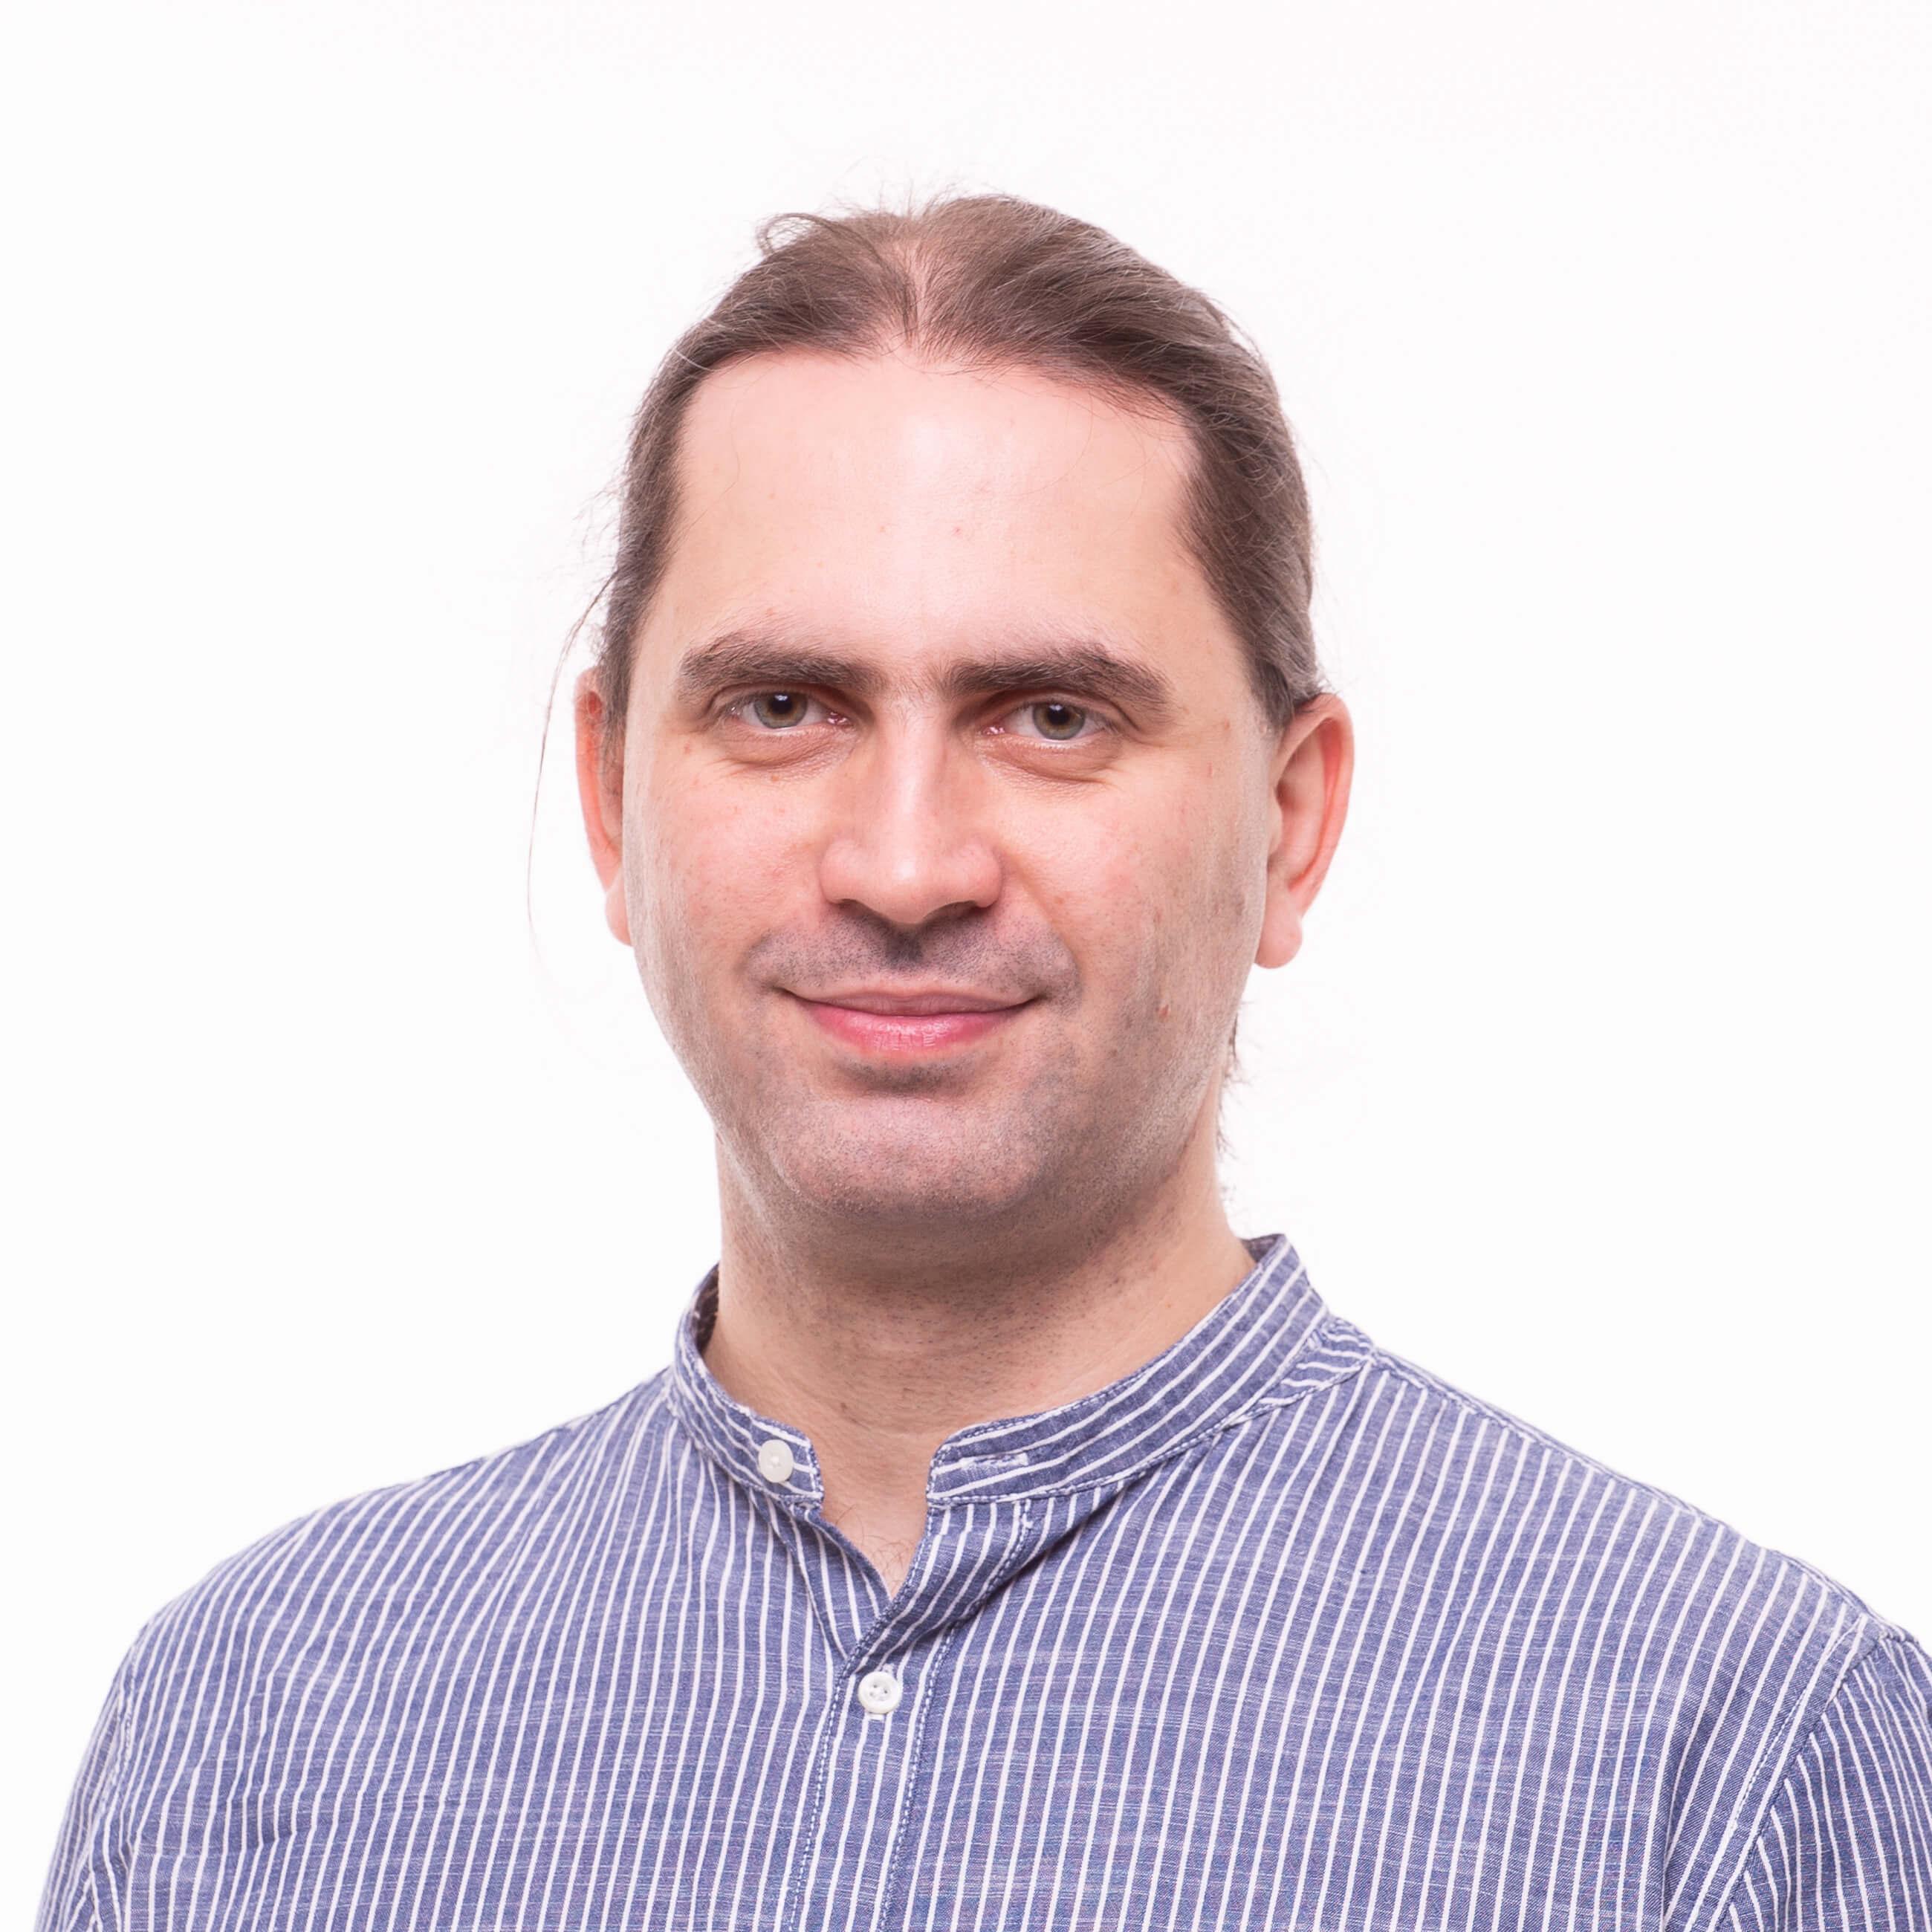 Robert Csizmar